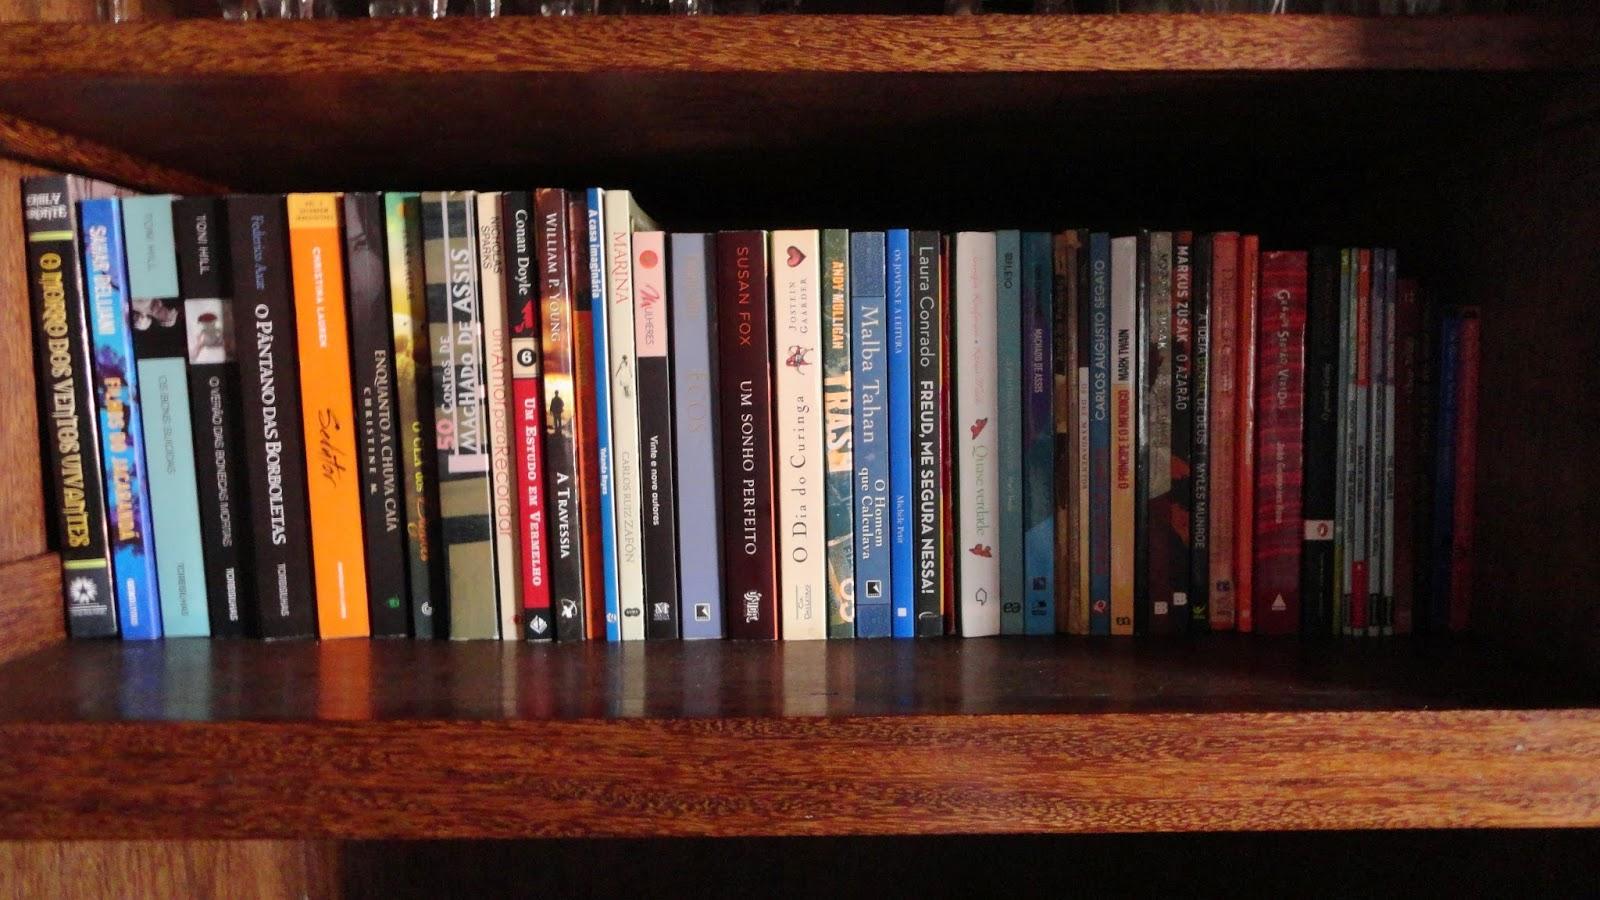 aeb726a9c UNIVERSO DOS LEITORES: Livros que tenho e ainda não li